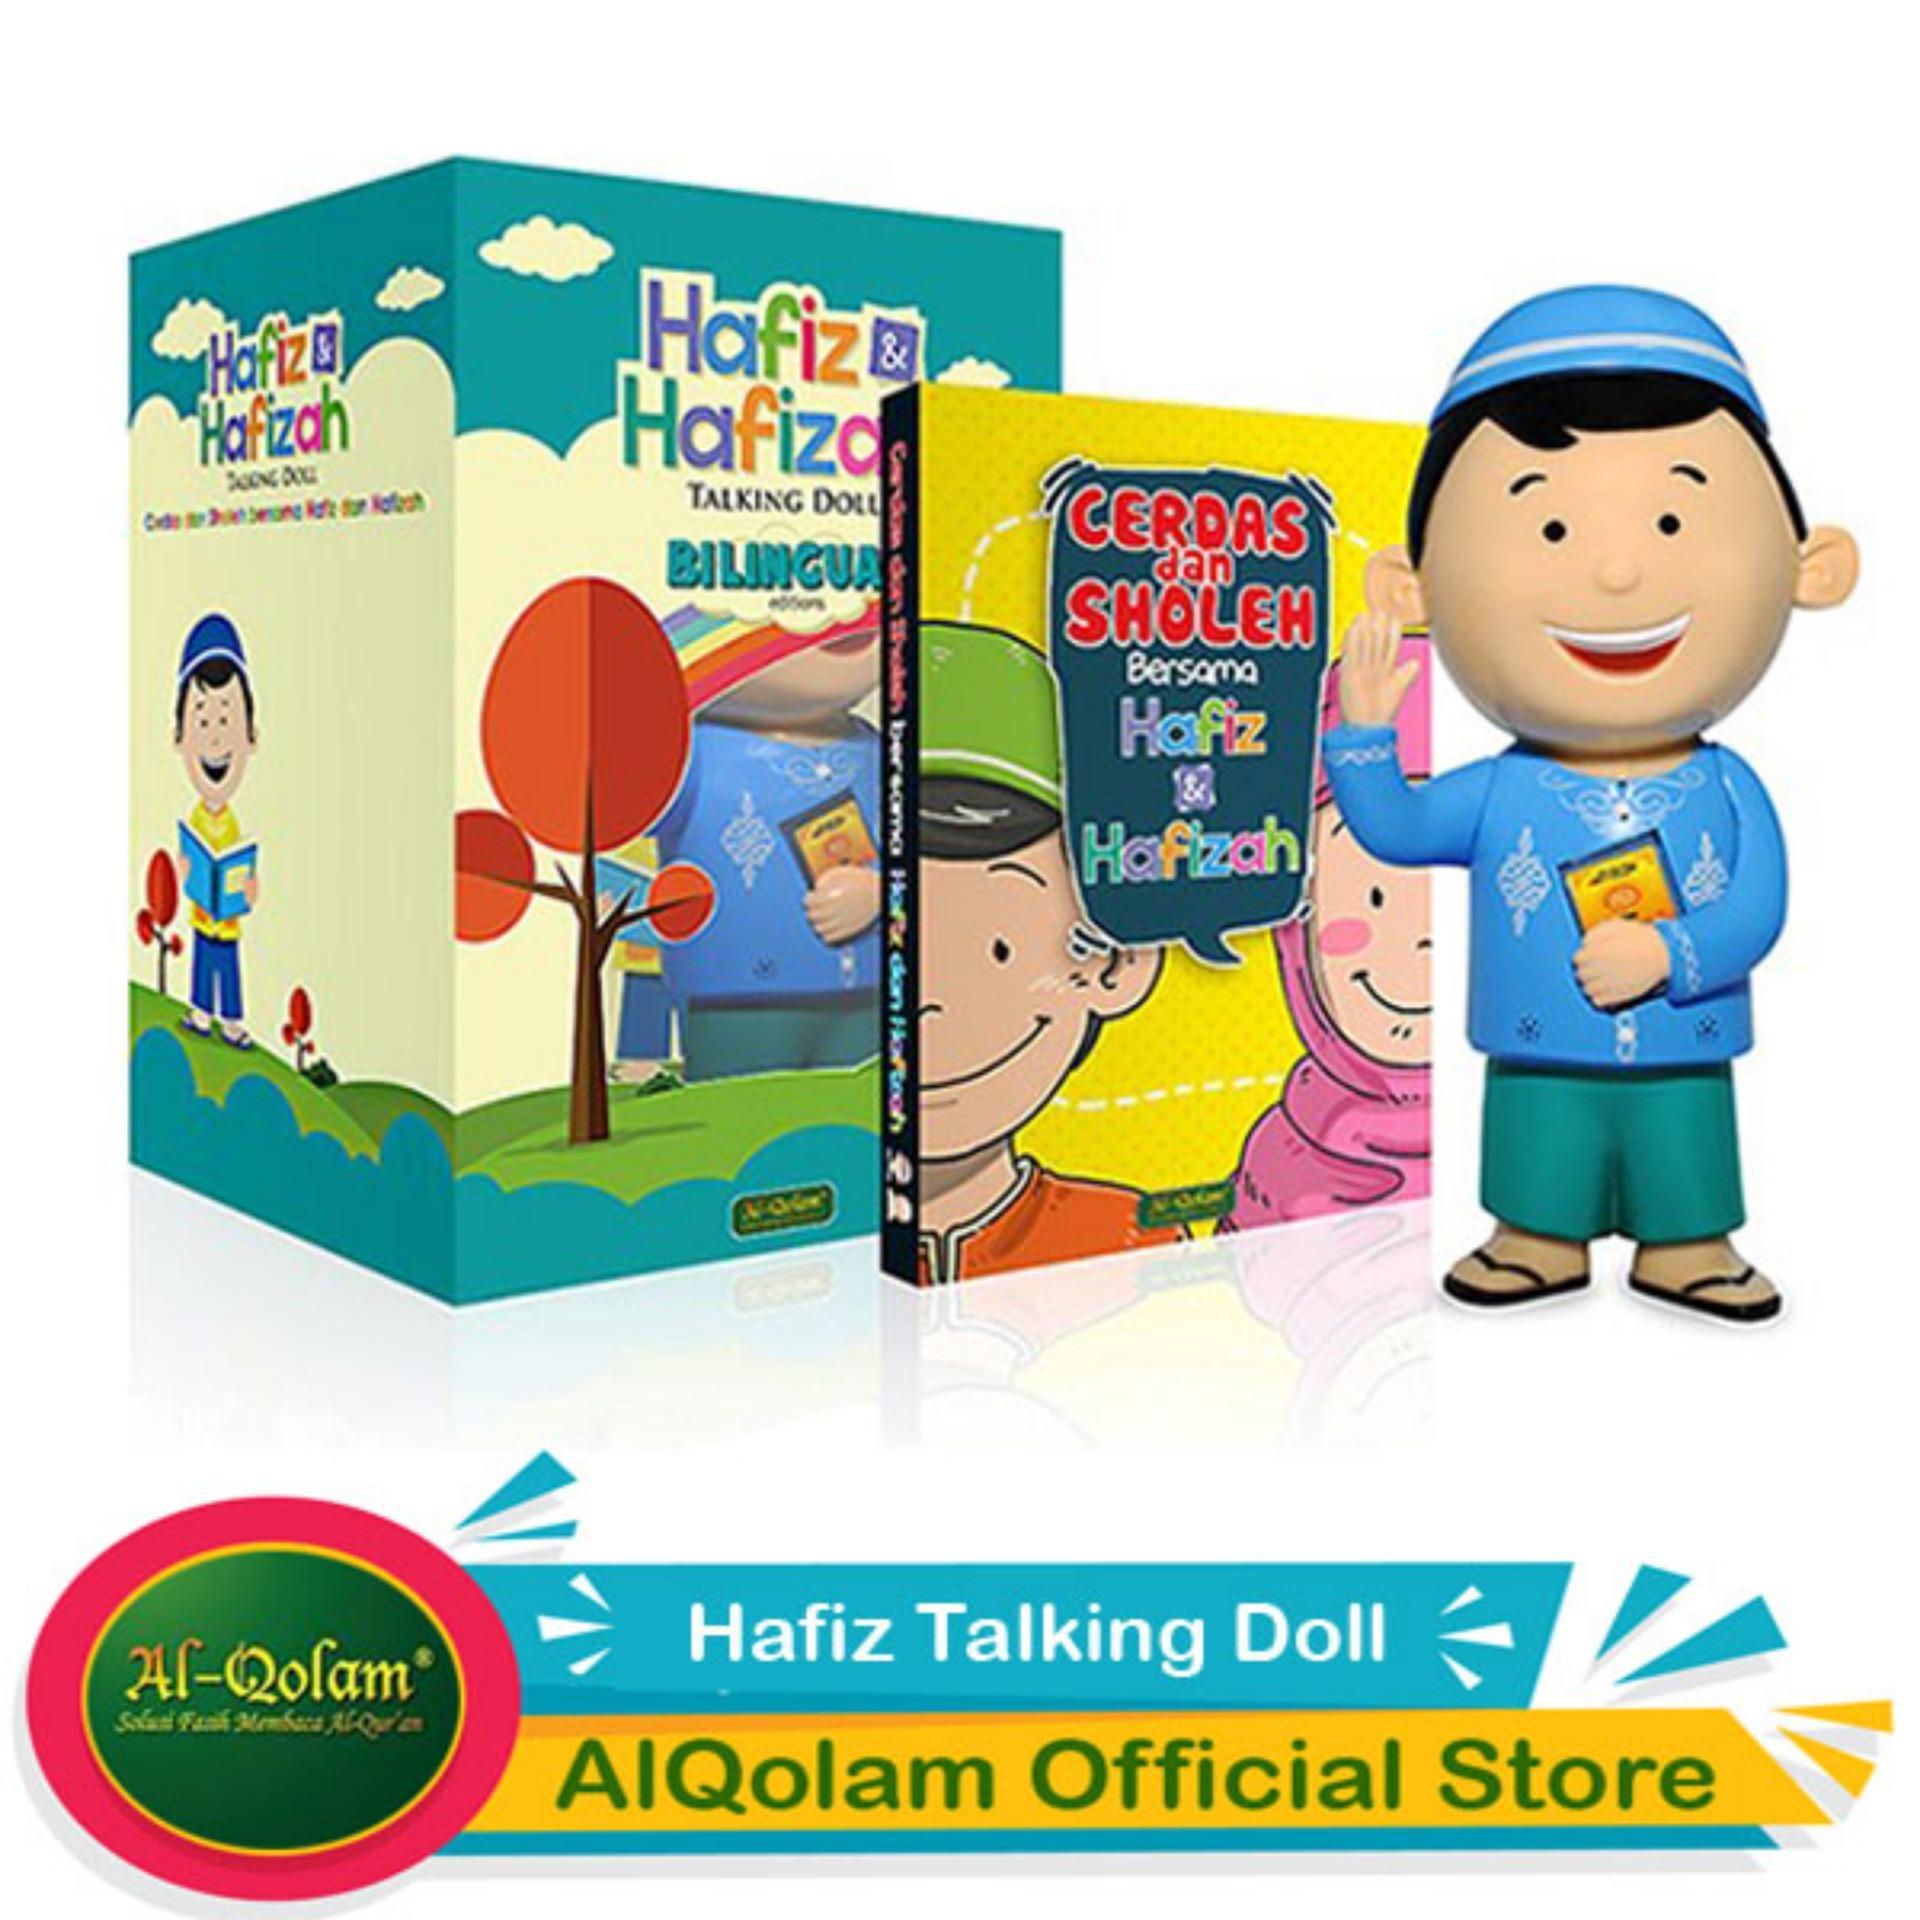 Jual Mainan Bayi Hafiz Doll Bilingual Al Qolam Biru Al Qolam